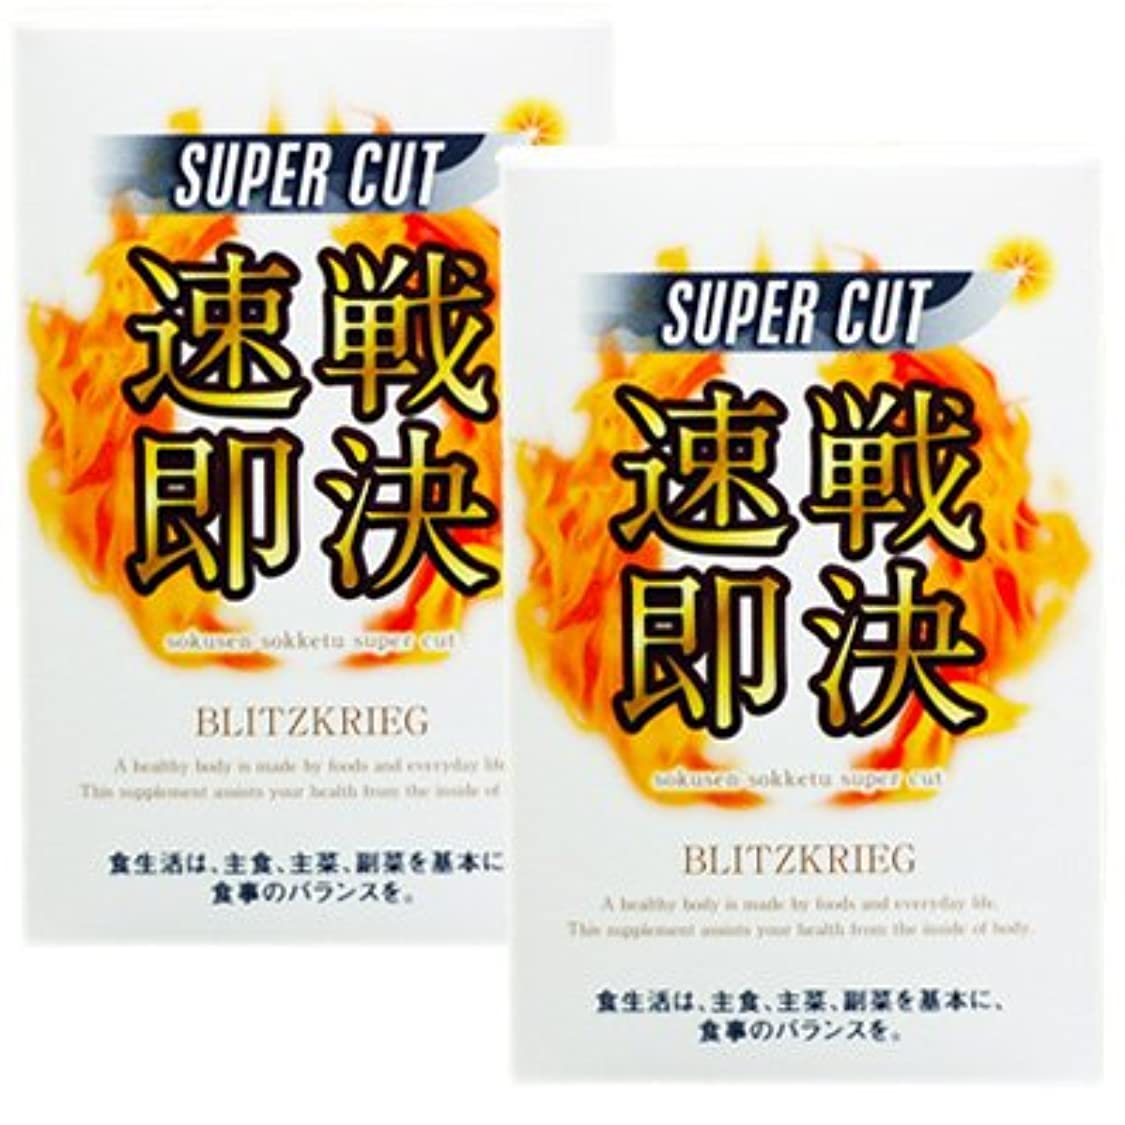 エンドウ距離スキャンダル速戦即決 スーパーカット2個セット! そくせんそっけつ×2個 SUPER CUT